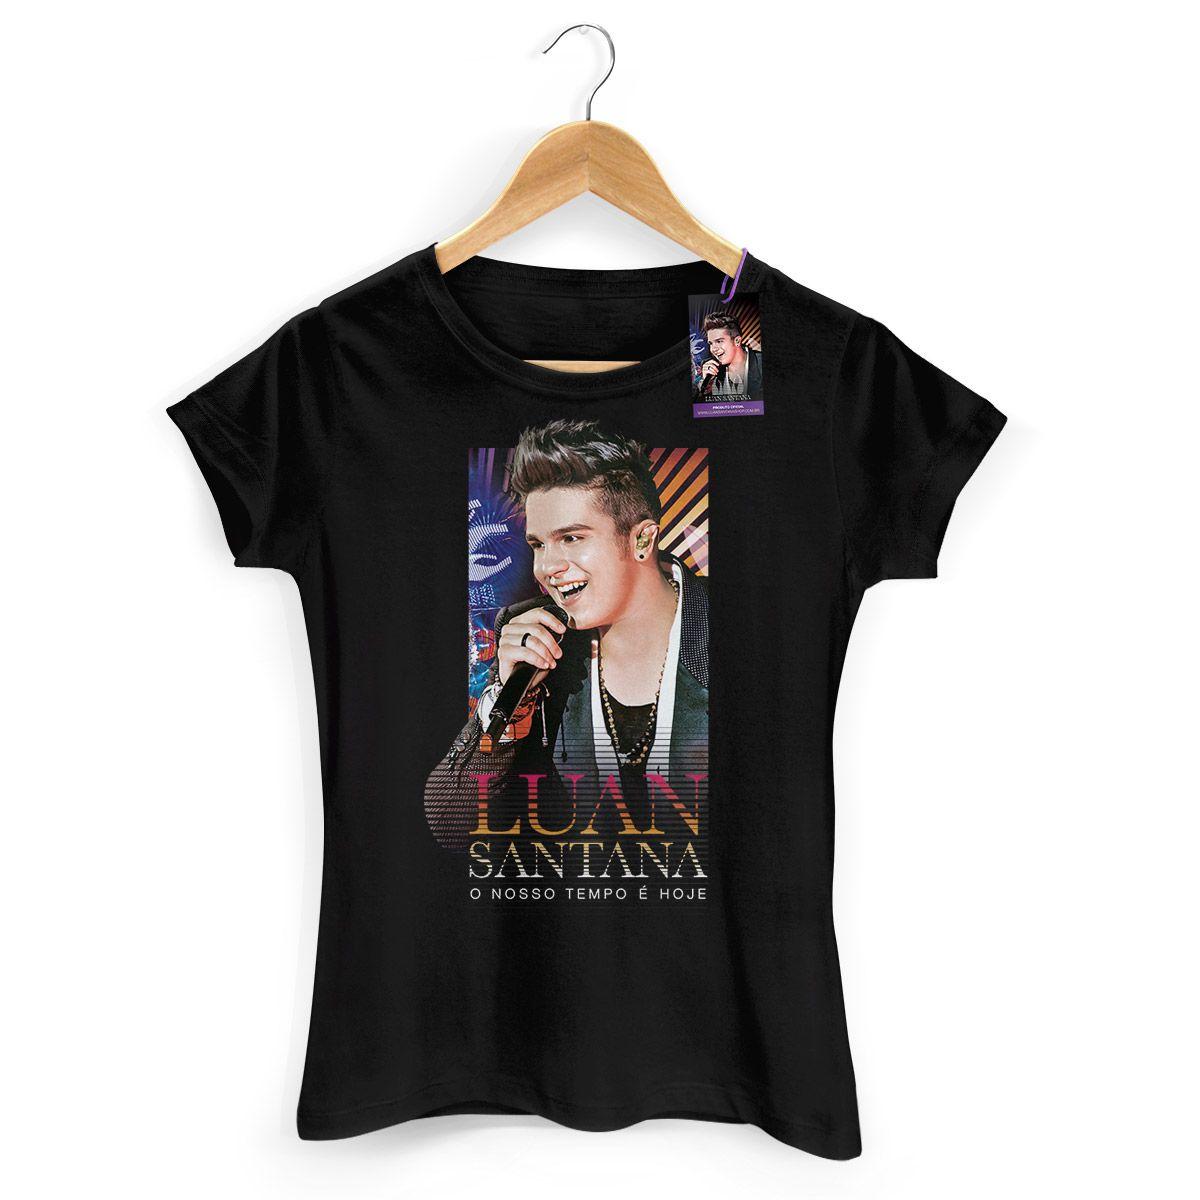 Camiseta Feminina Luan Santana - O Nosso Tempo é Hoje Modelo 2